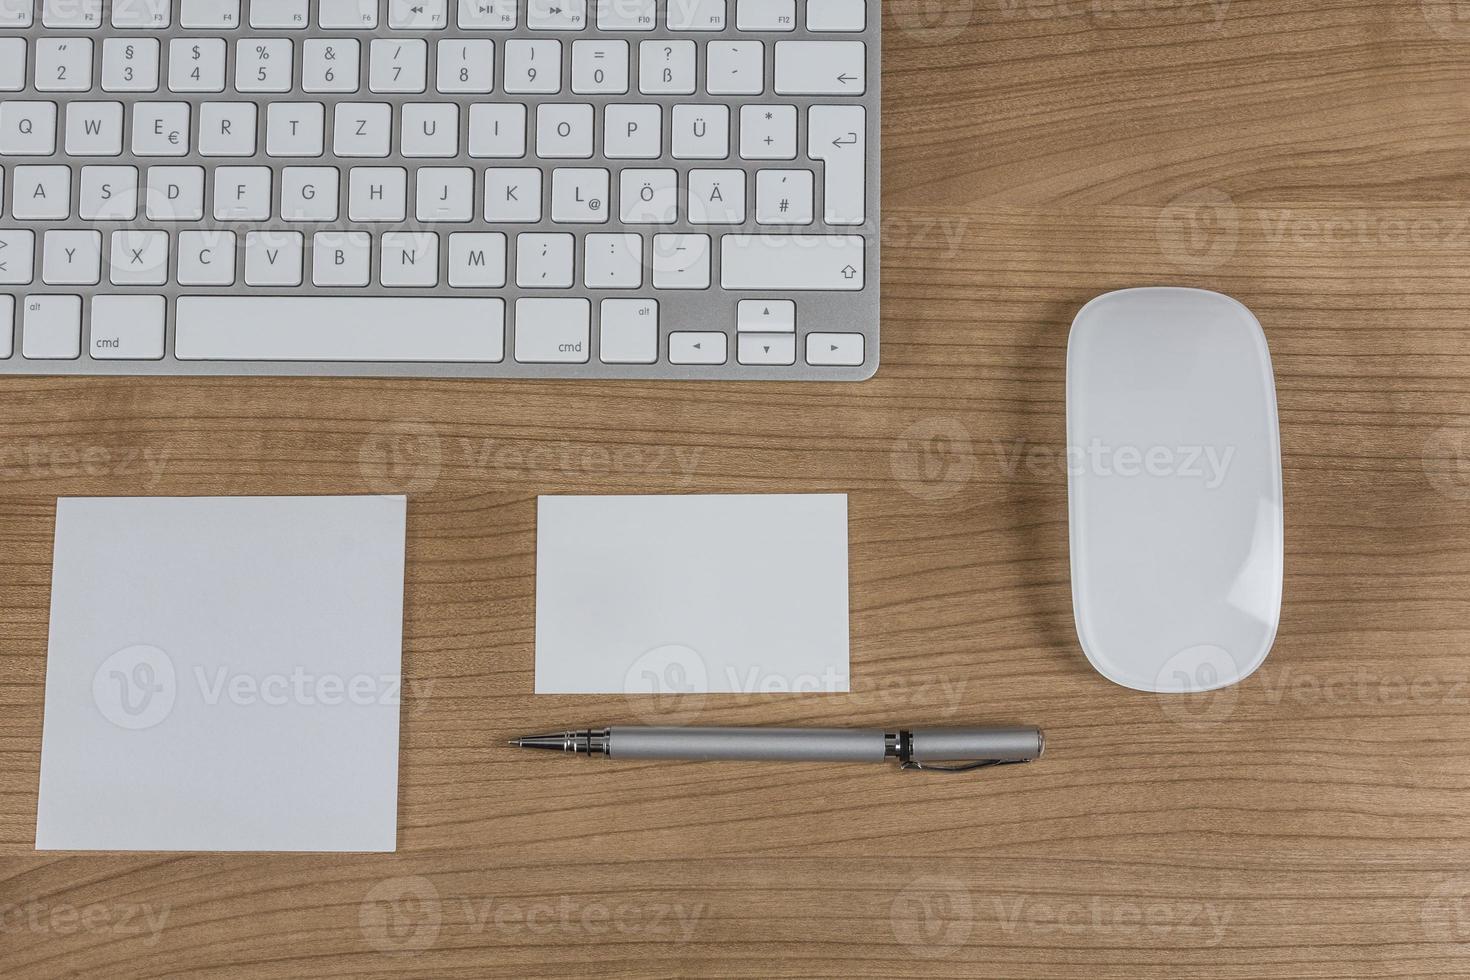 teclado moderno en un escritorio foto